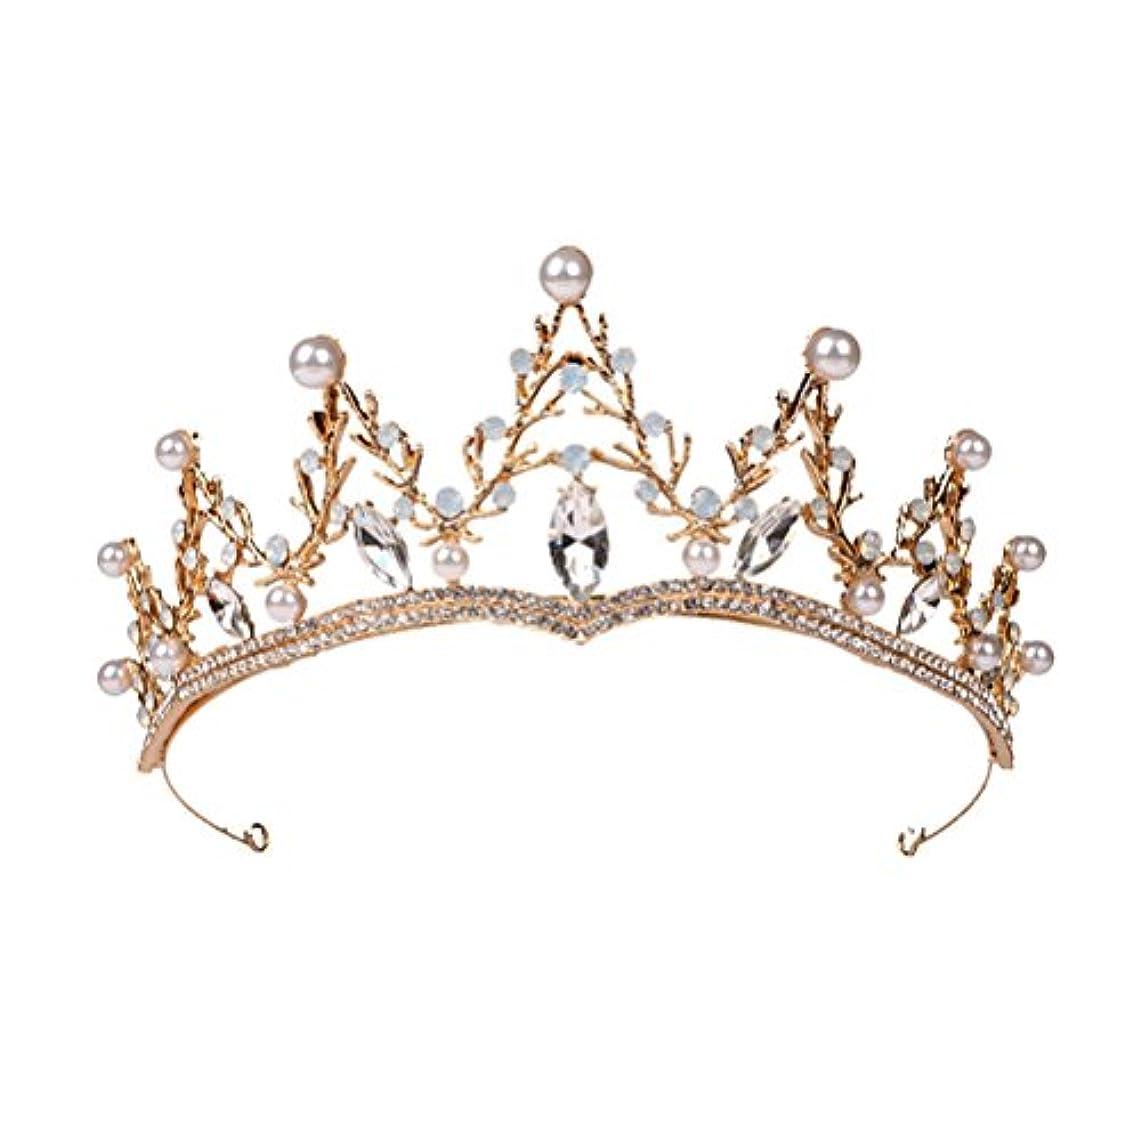 どっち感心する通常LUOEM ブライダル ティアラ ヘアバンド 花嫁 結婚式 ウェディング 王冠 クラウン クリスタル 髪飾り ヘアアクセサリー(ゴールド)